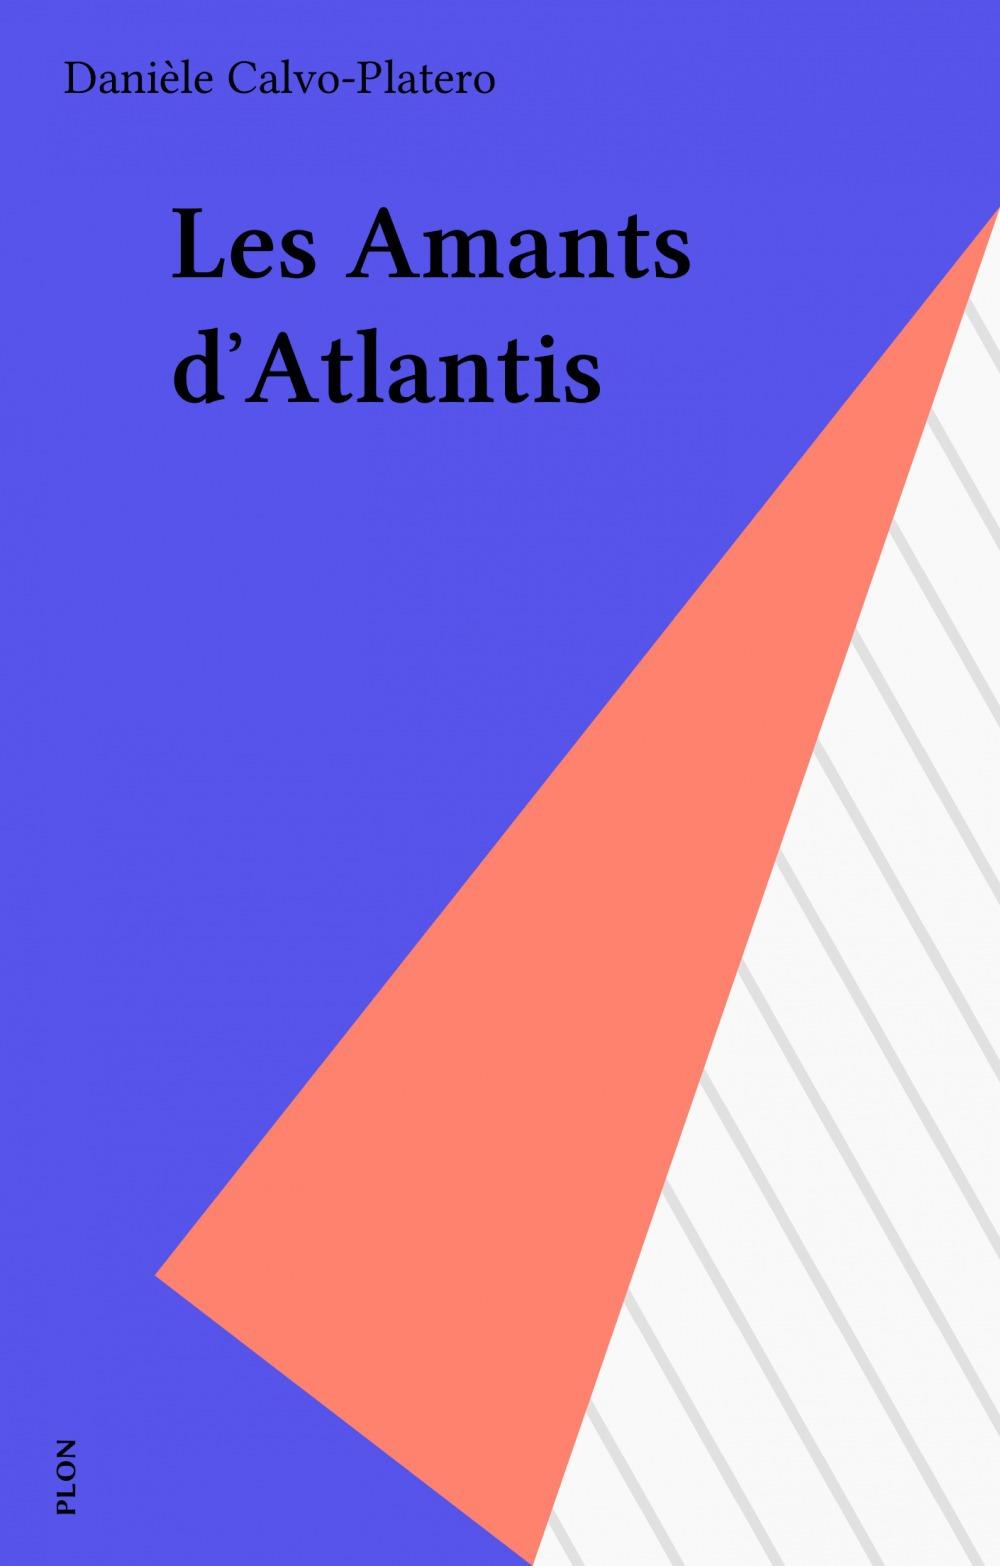 Les amants d'atlantis